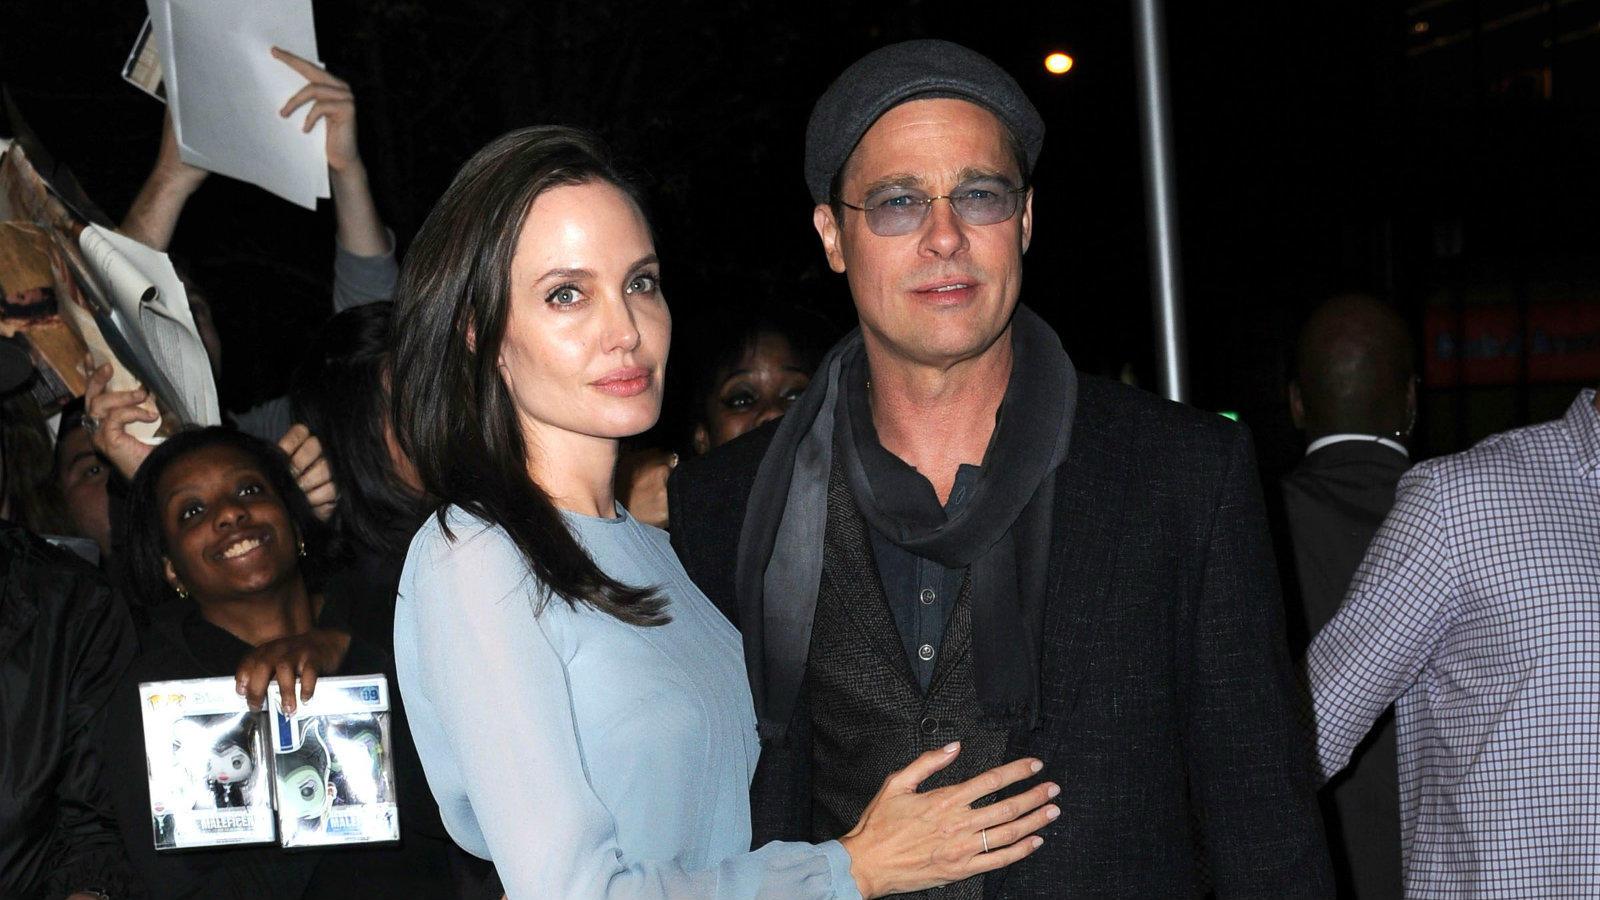 A Jennifer Aniston-affér után úgy tűnt, Brad Pitt élete párjára talált Angelina Jolie személyében, miután összemelegedtek a Mr. And Mrs. Smith című film forgatásán. Végül 2012-ben úgy határoztak, hivatalosan is összekötik az életüket, az esküvőjüket két évvel később tartották meg. Épp ezért sokkolta a világot, hogy 2016-ban Jolie kibékíthetetlen ellentétetkre hivatkozva beadta a válokeresetet. (Kristin Callahan/ACE/Shutterstock)